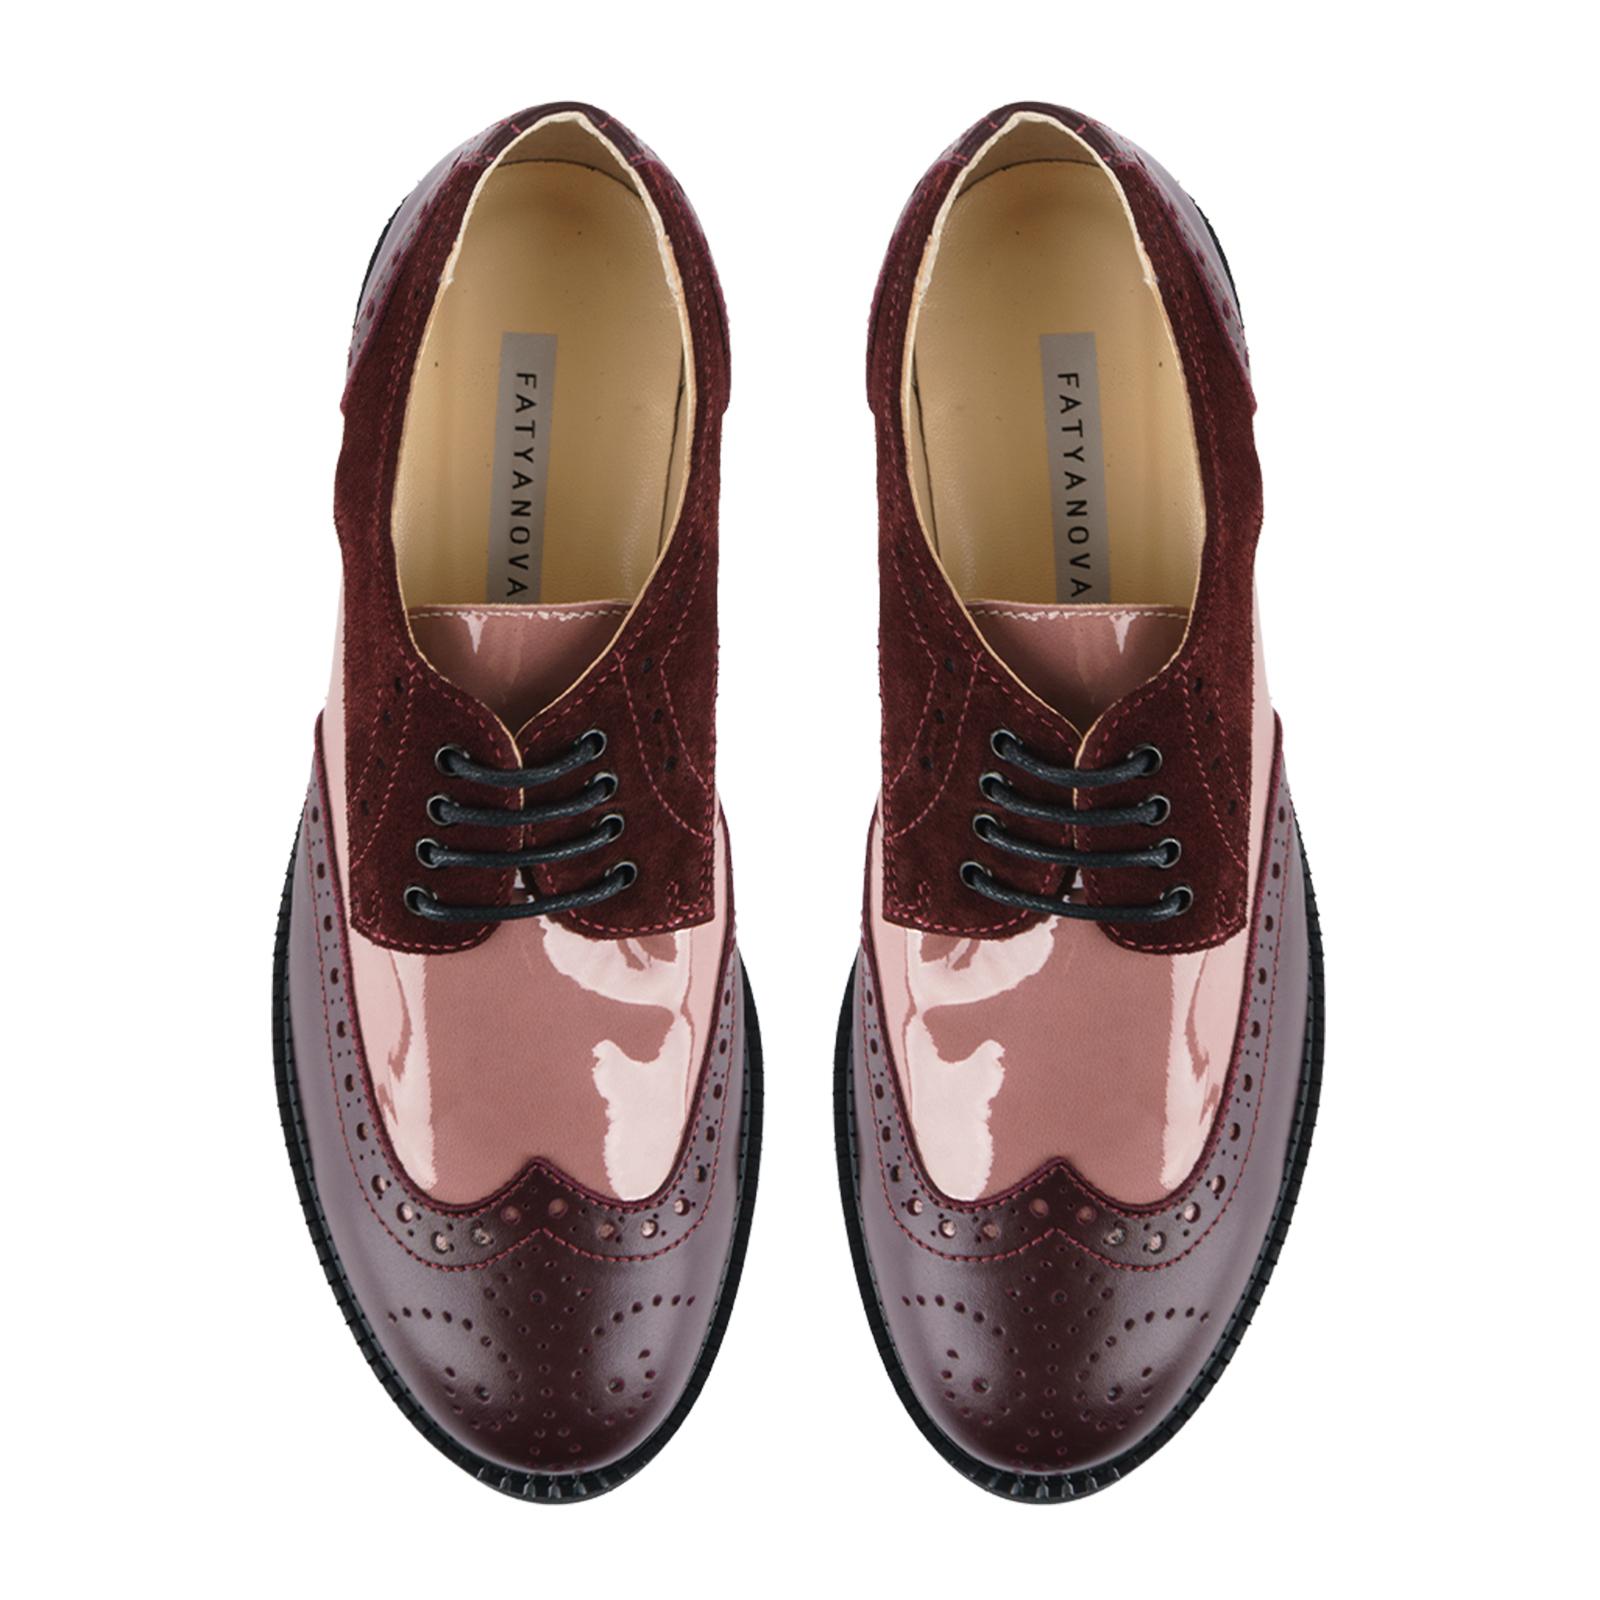 Туфли женские Туфли Фрида кожаные бордовые с розовыми вставками 100103 продажа, 2017